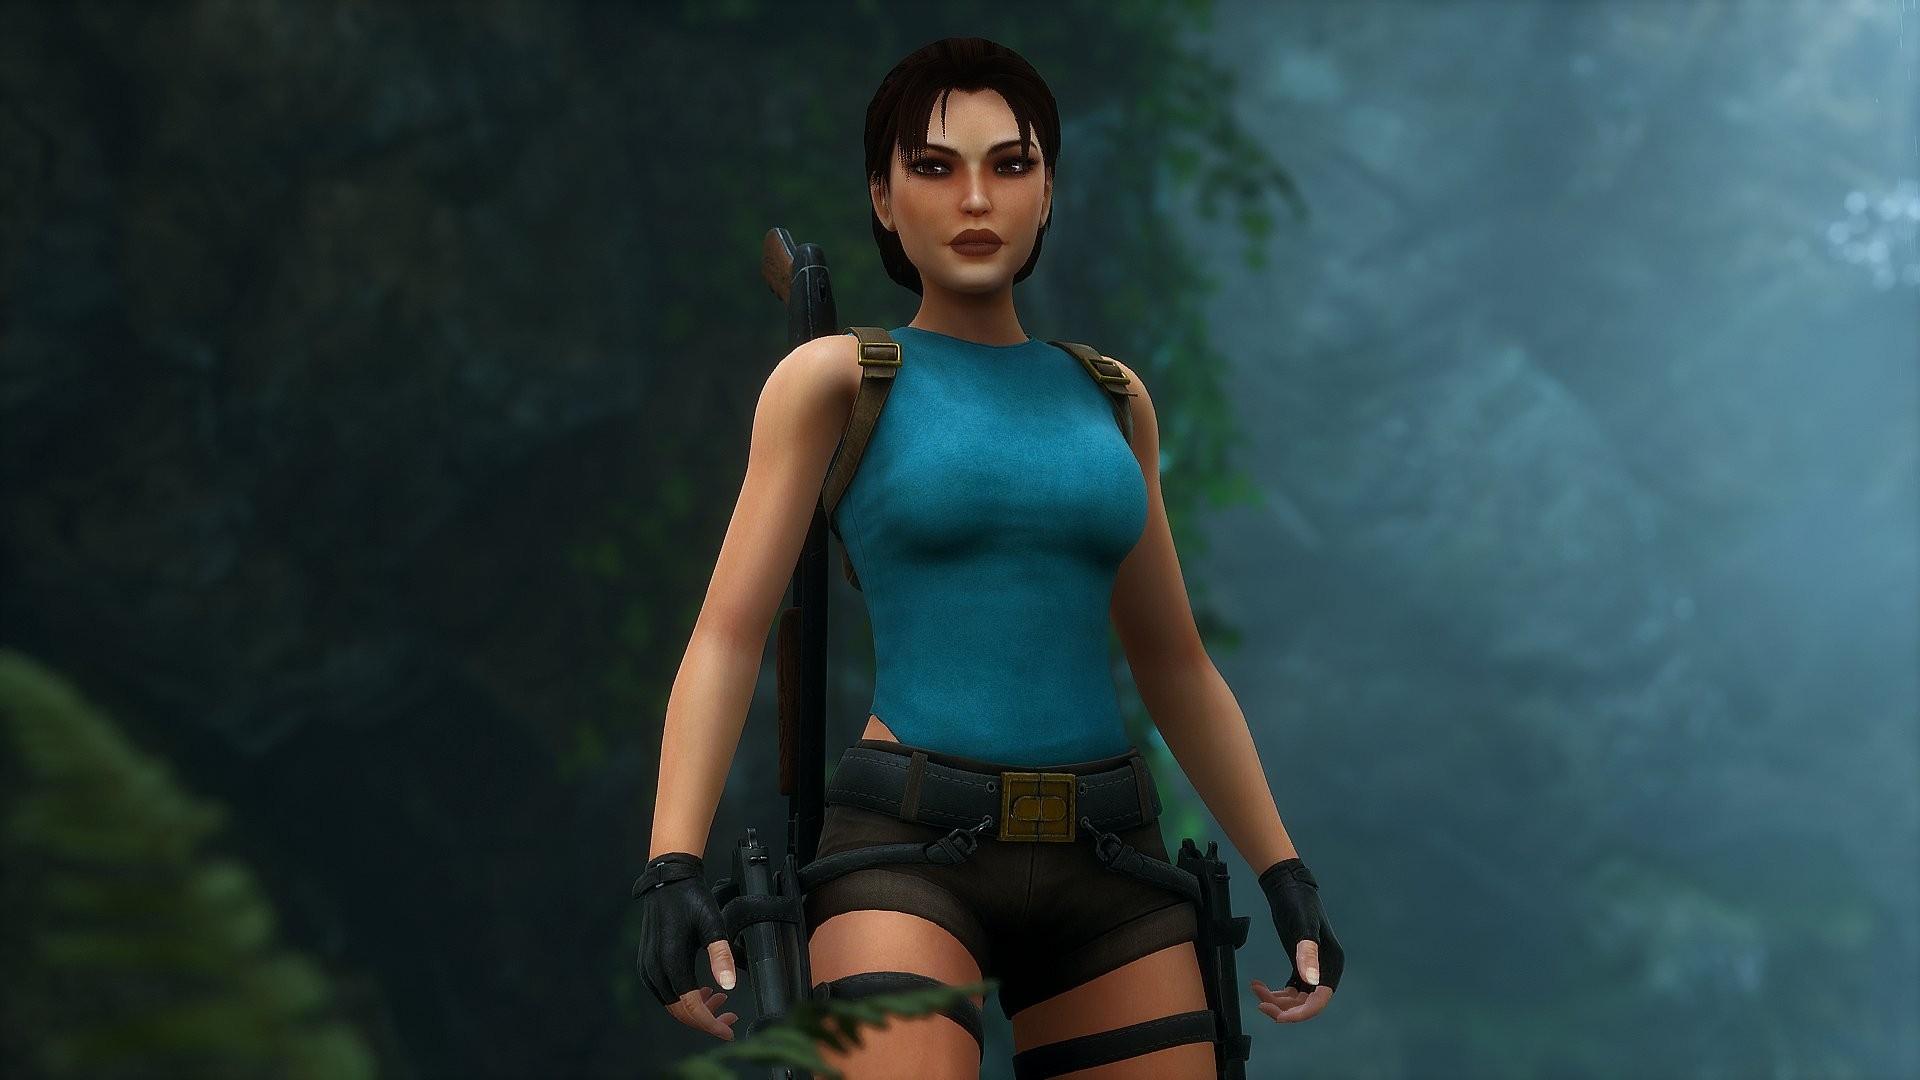 Вышла новая версия Tomb Raider: The Dagger of Xian - фанатского ремейка Tomb Raider 2